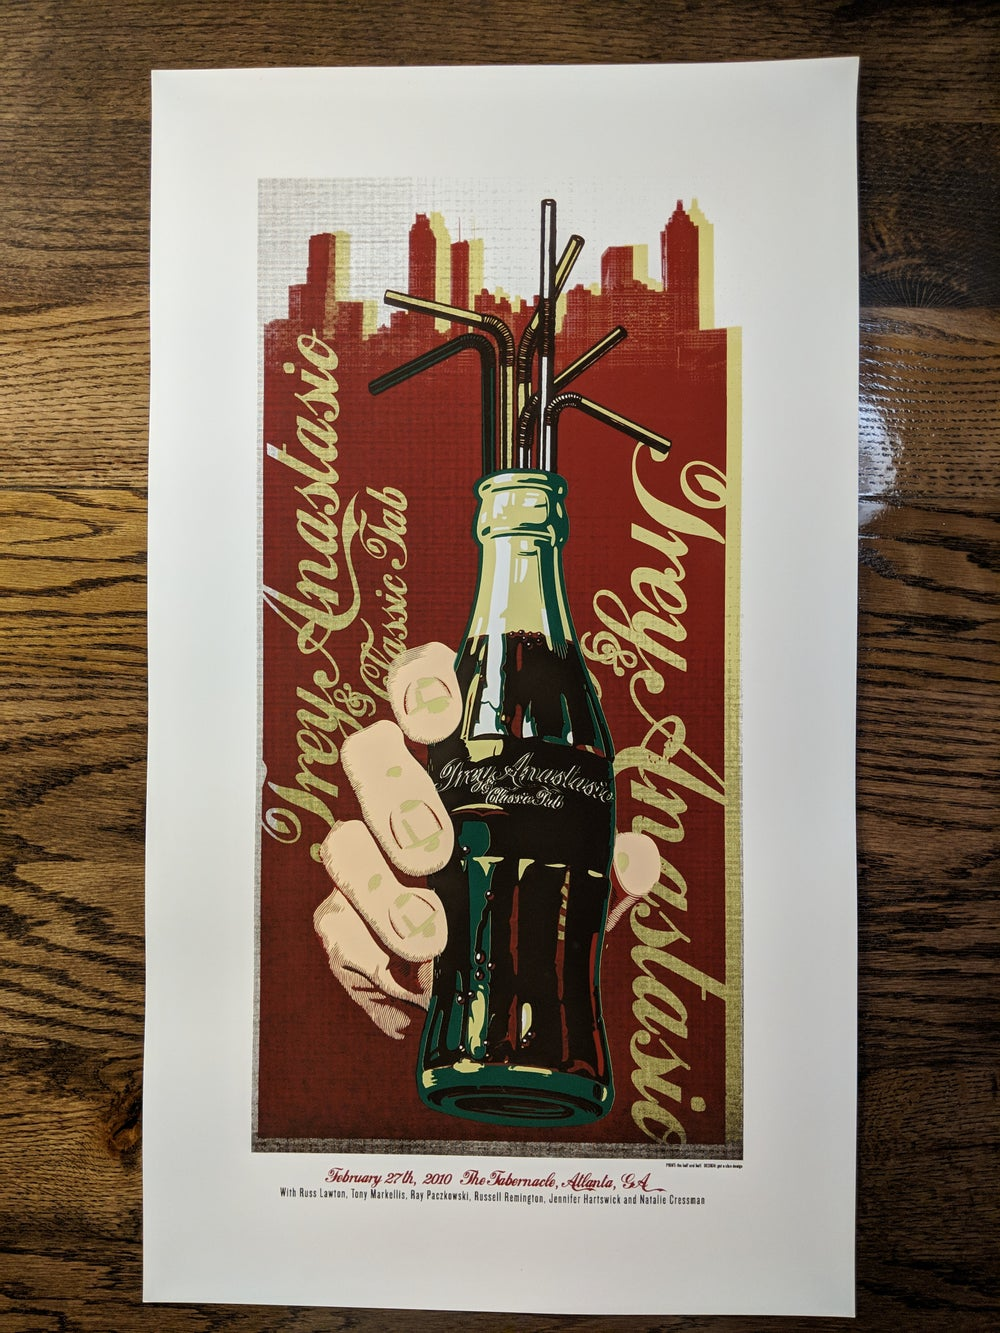 Trey Anastasio - Coke Bottle **RECENTLY DISCOVERED**